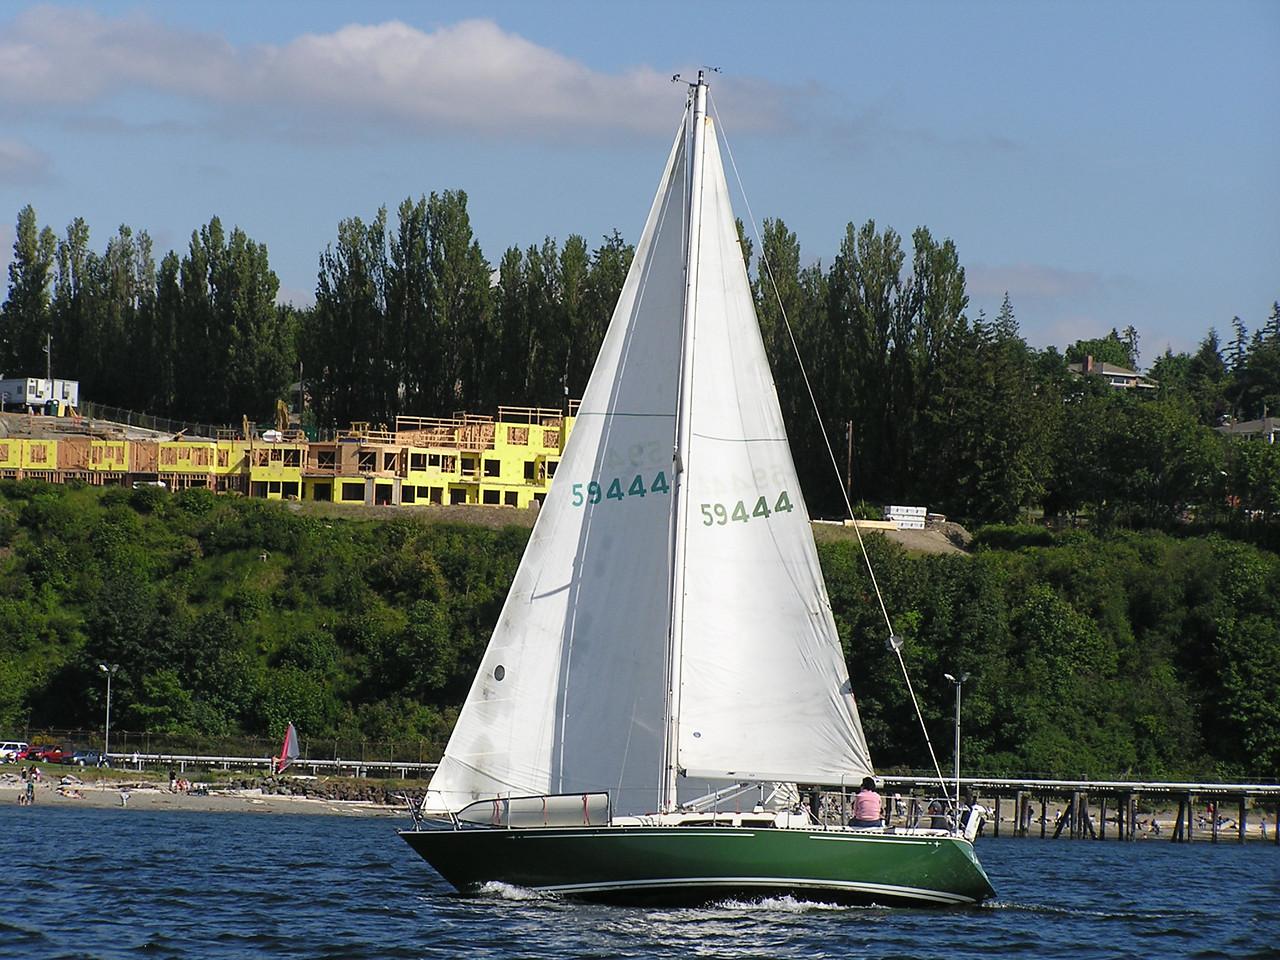 07 05 28 sail 009